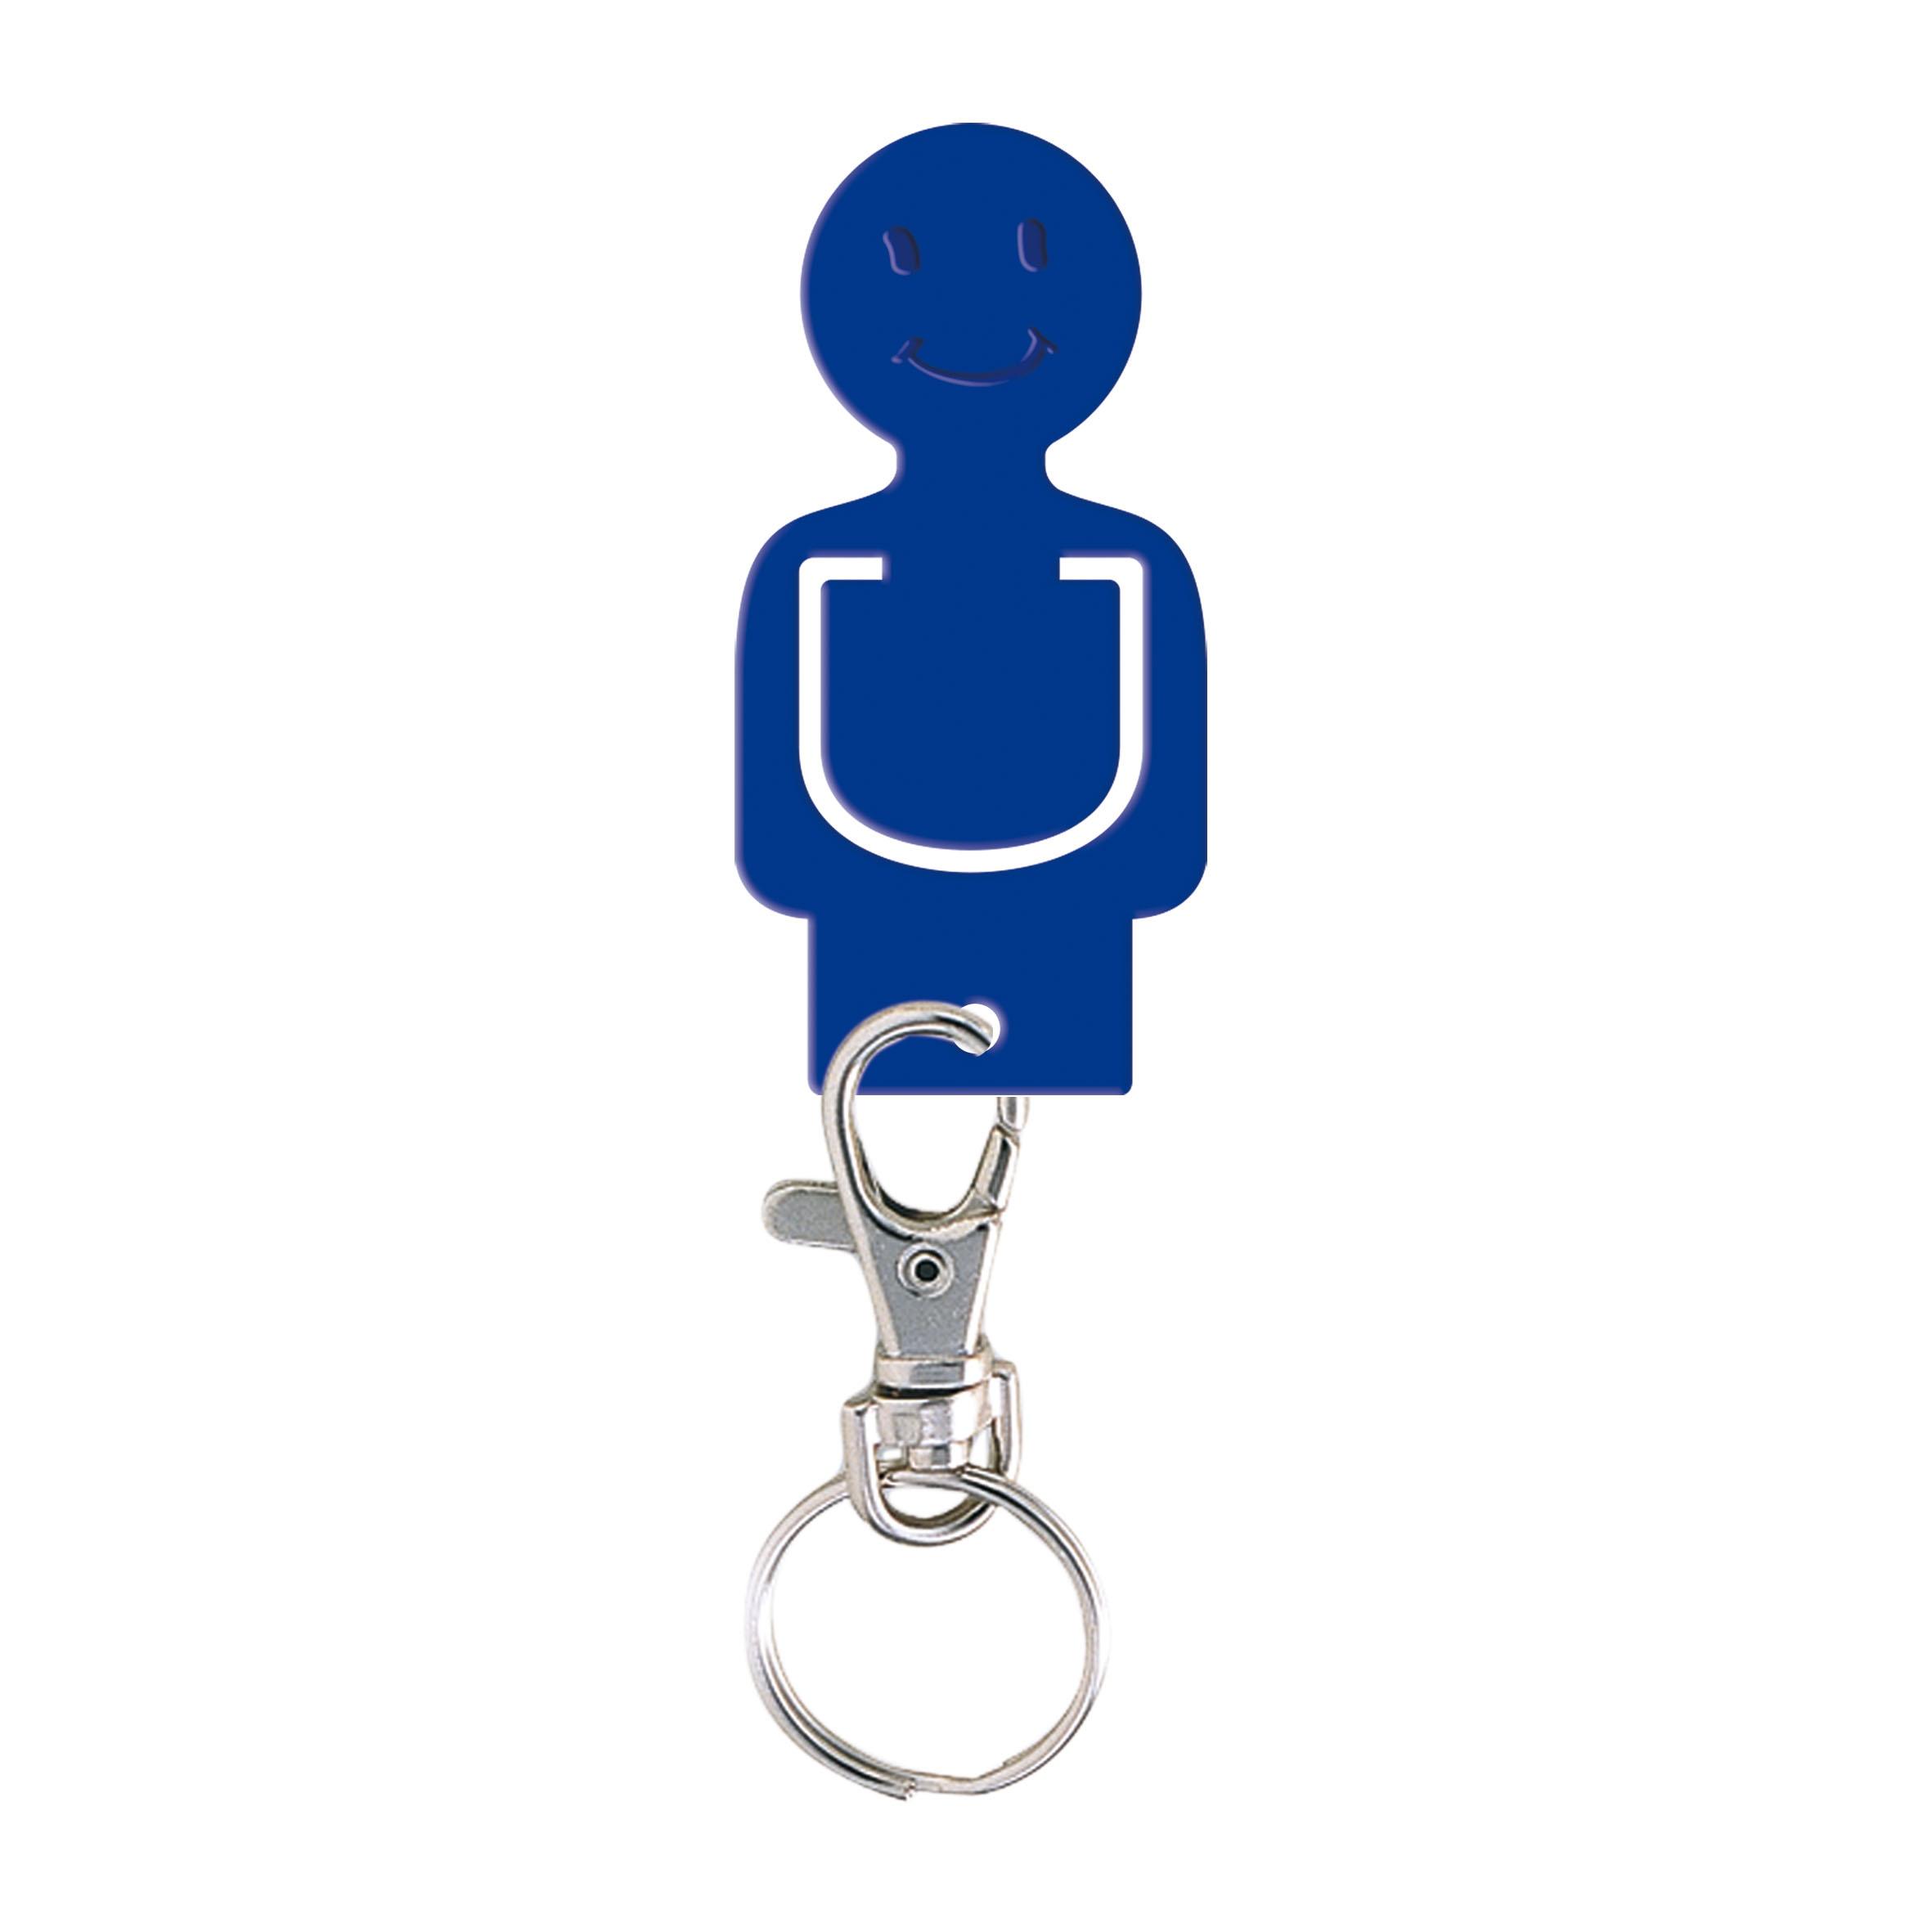 Porte-clés publicitaire jeton caddie Figurine - porte-clés personnalisable